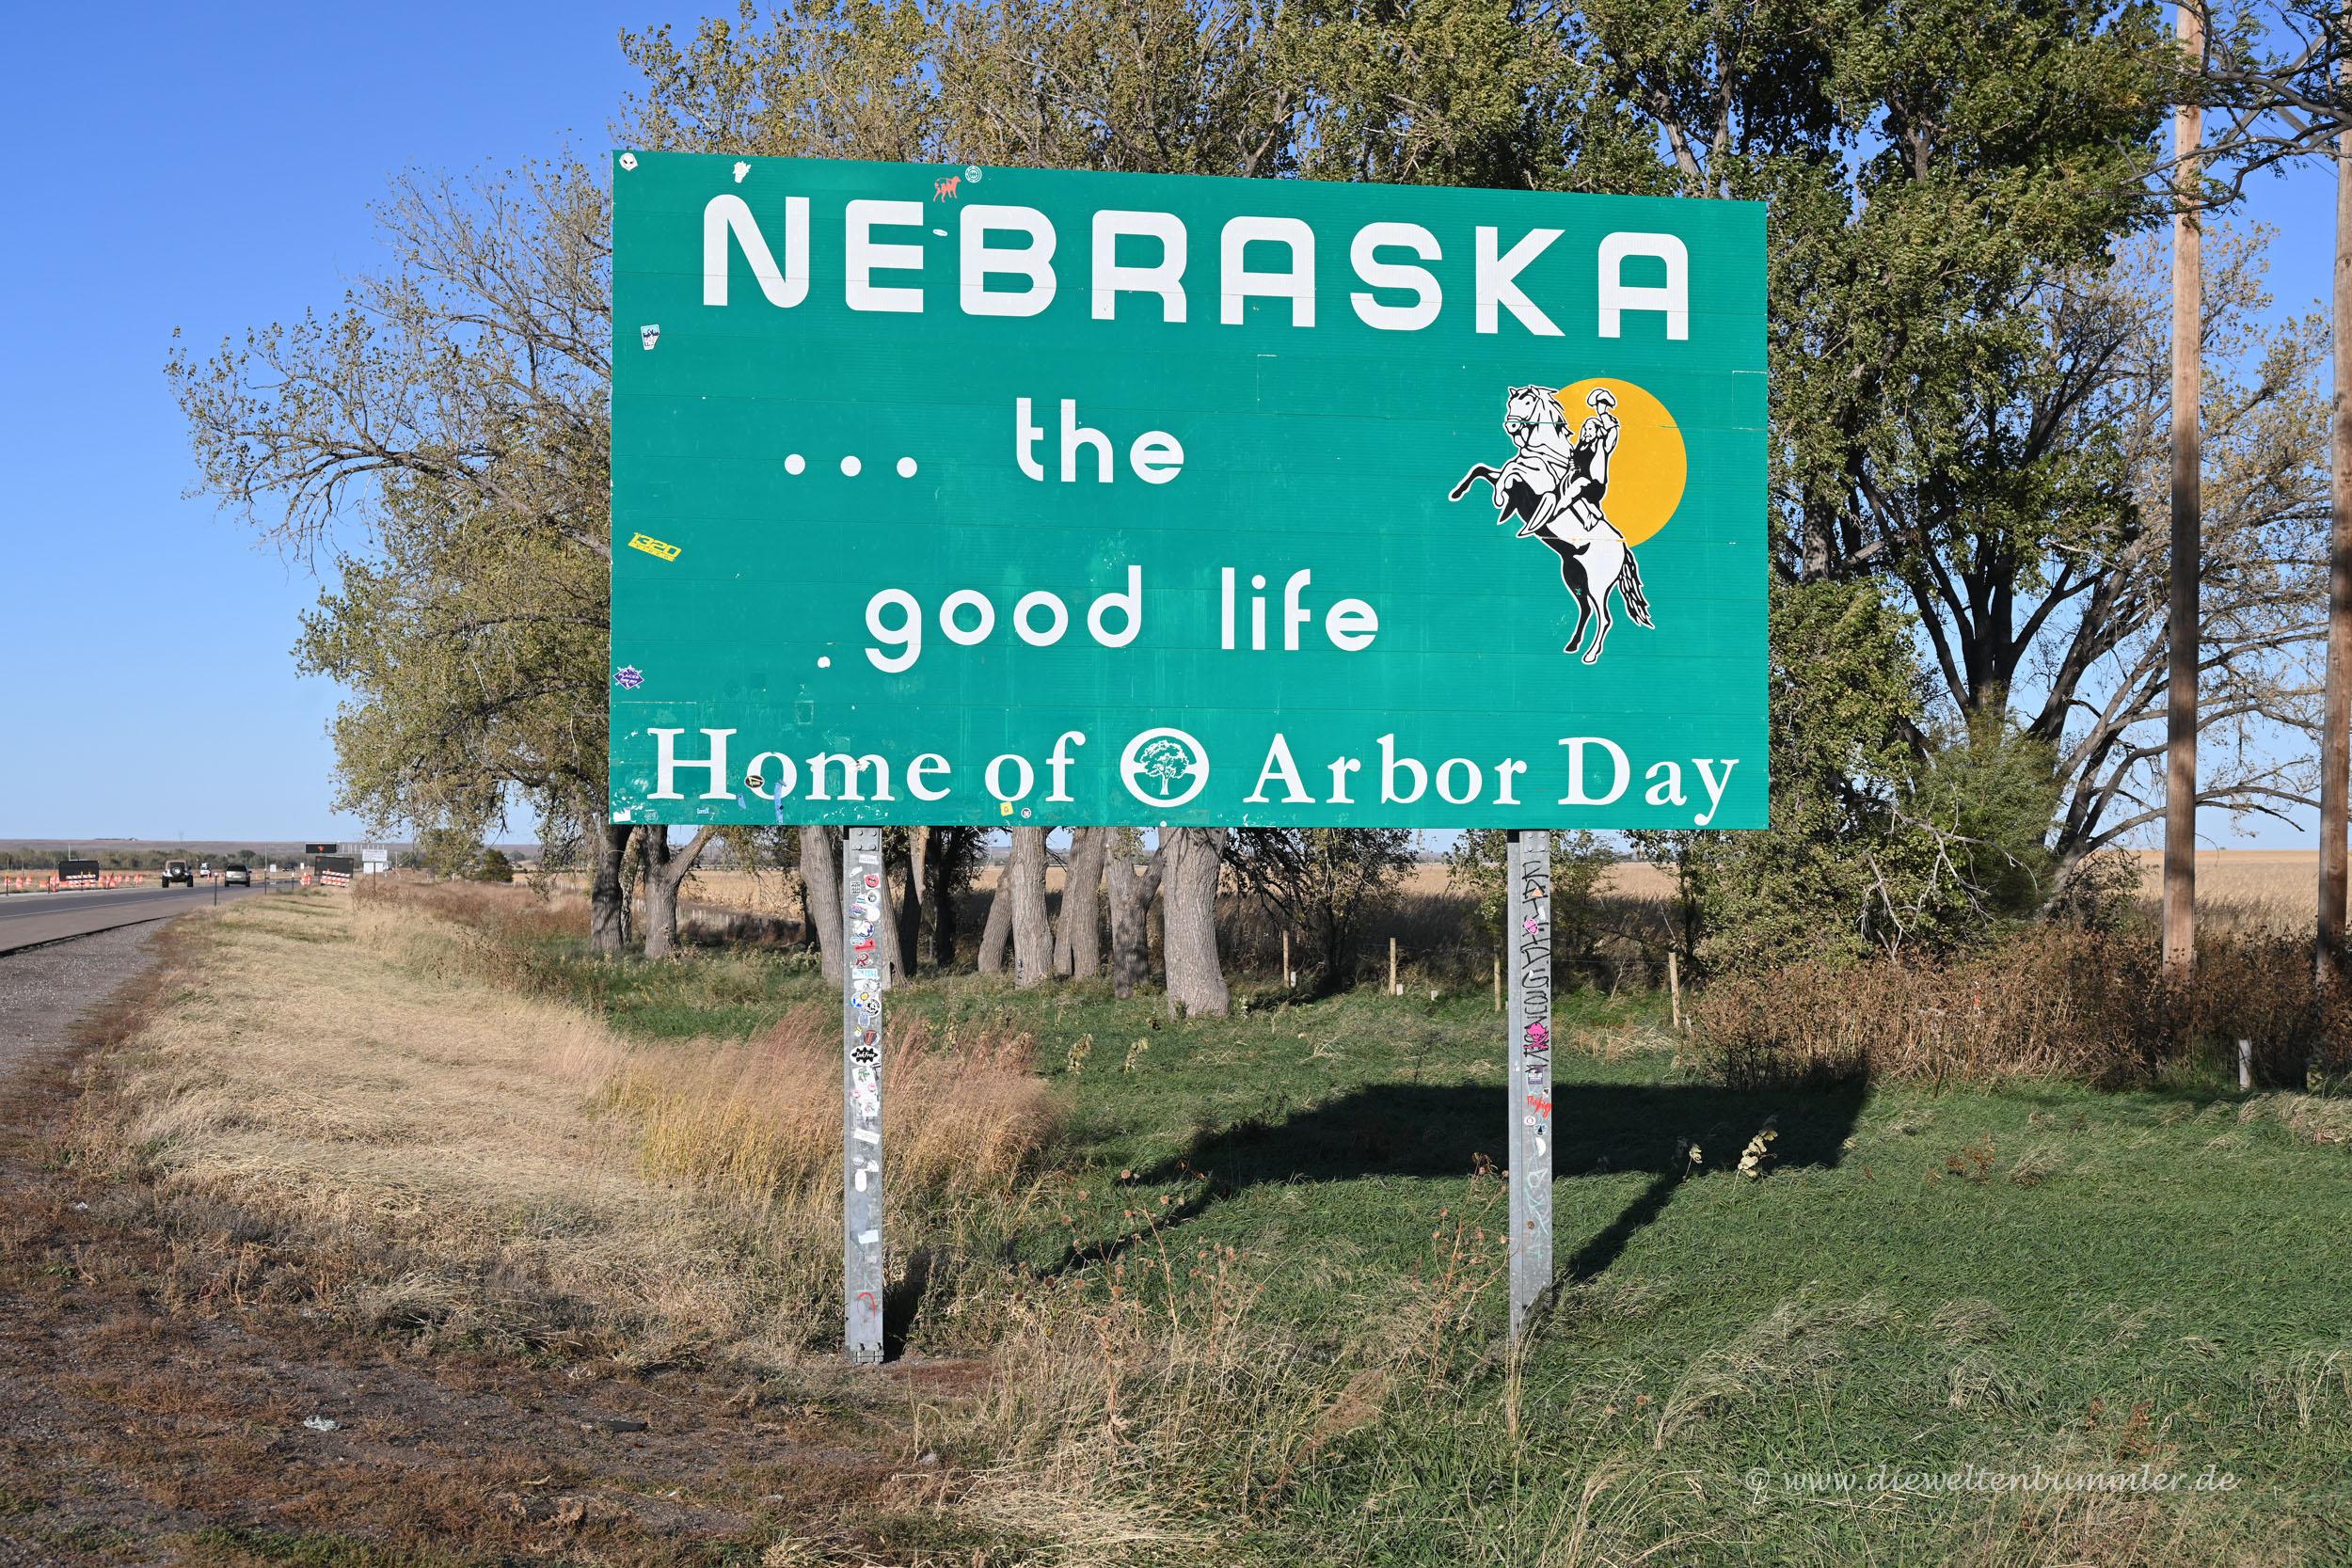 Willkommen in Nebraska